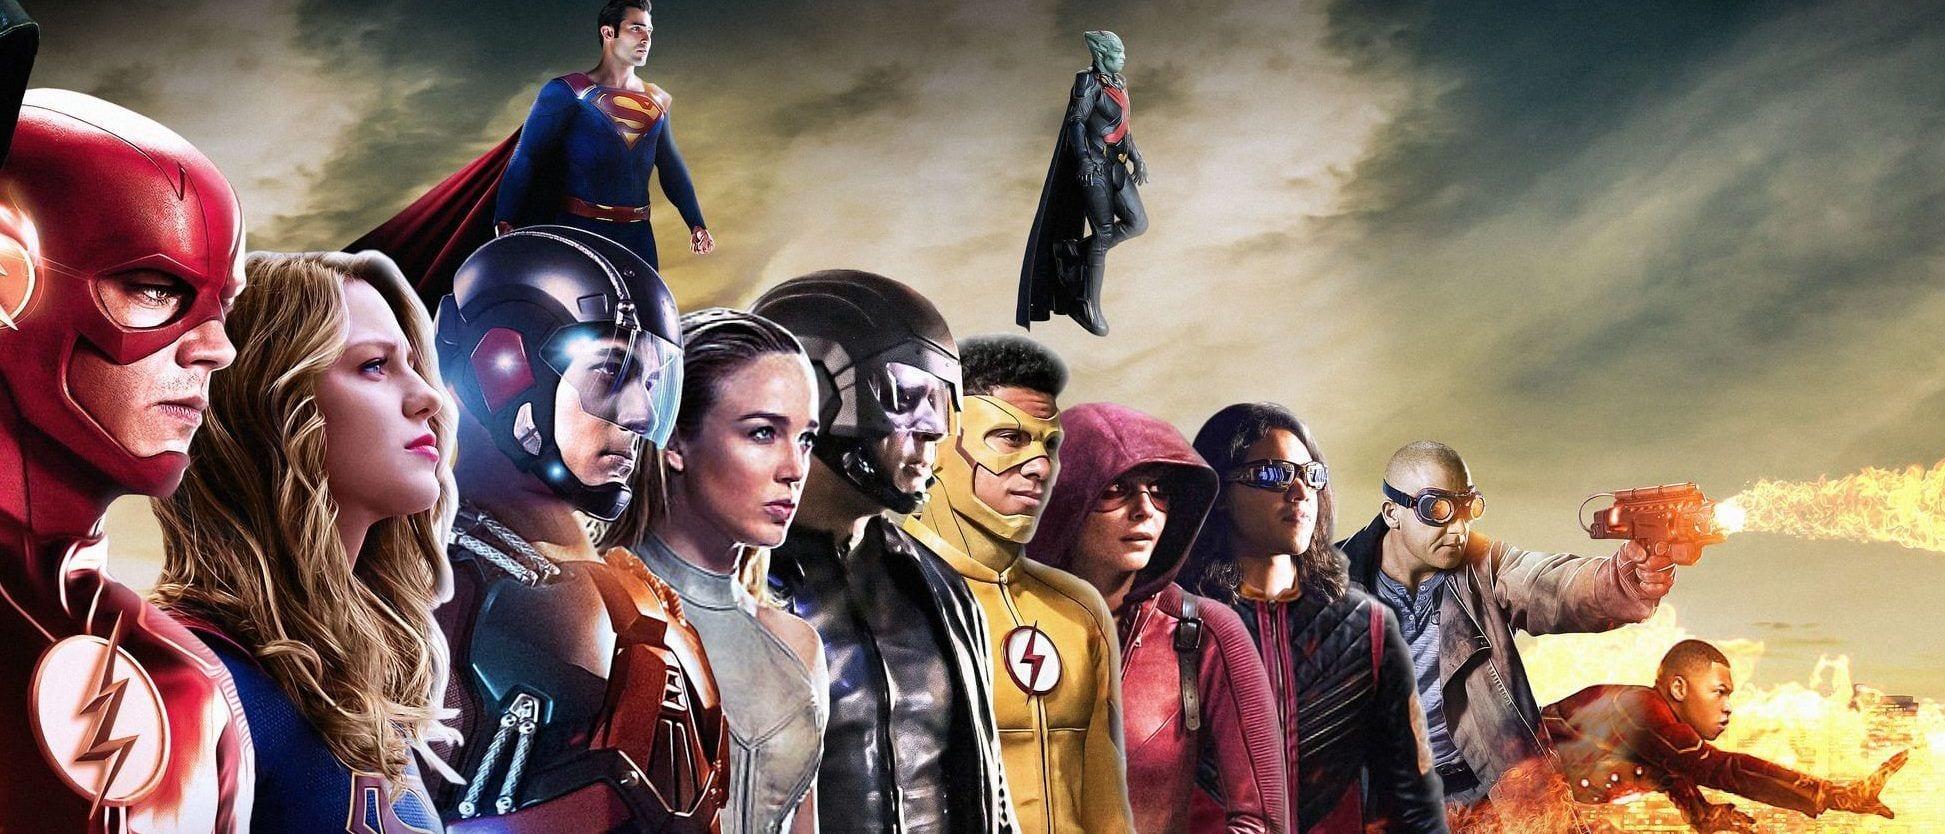 The CW Arrowverse DC Comics